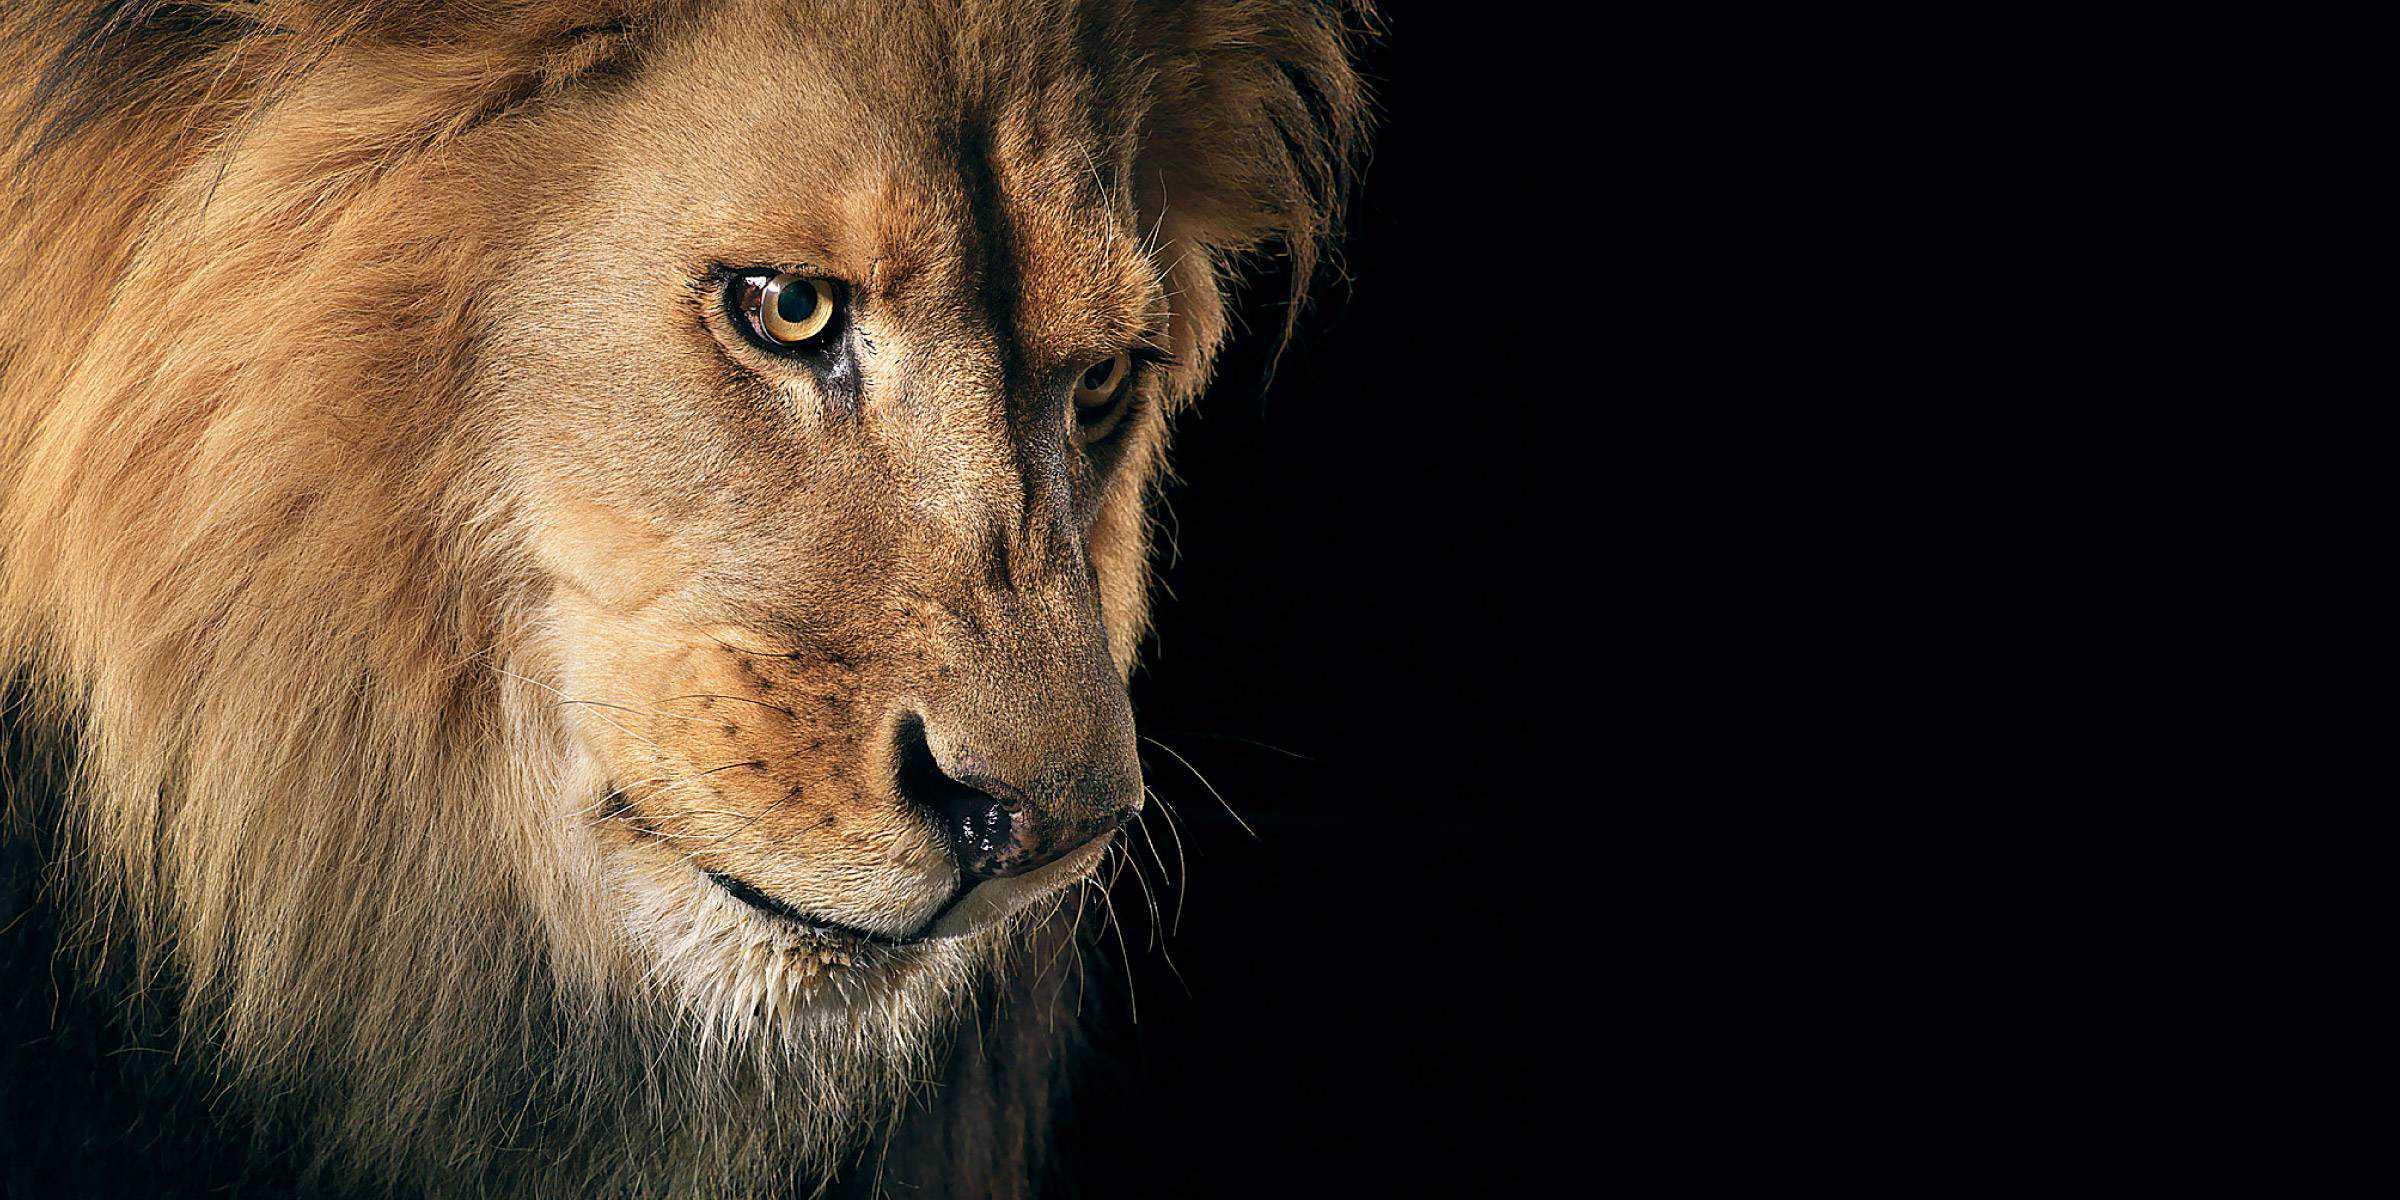 Lion Wallpaper 020